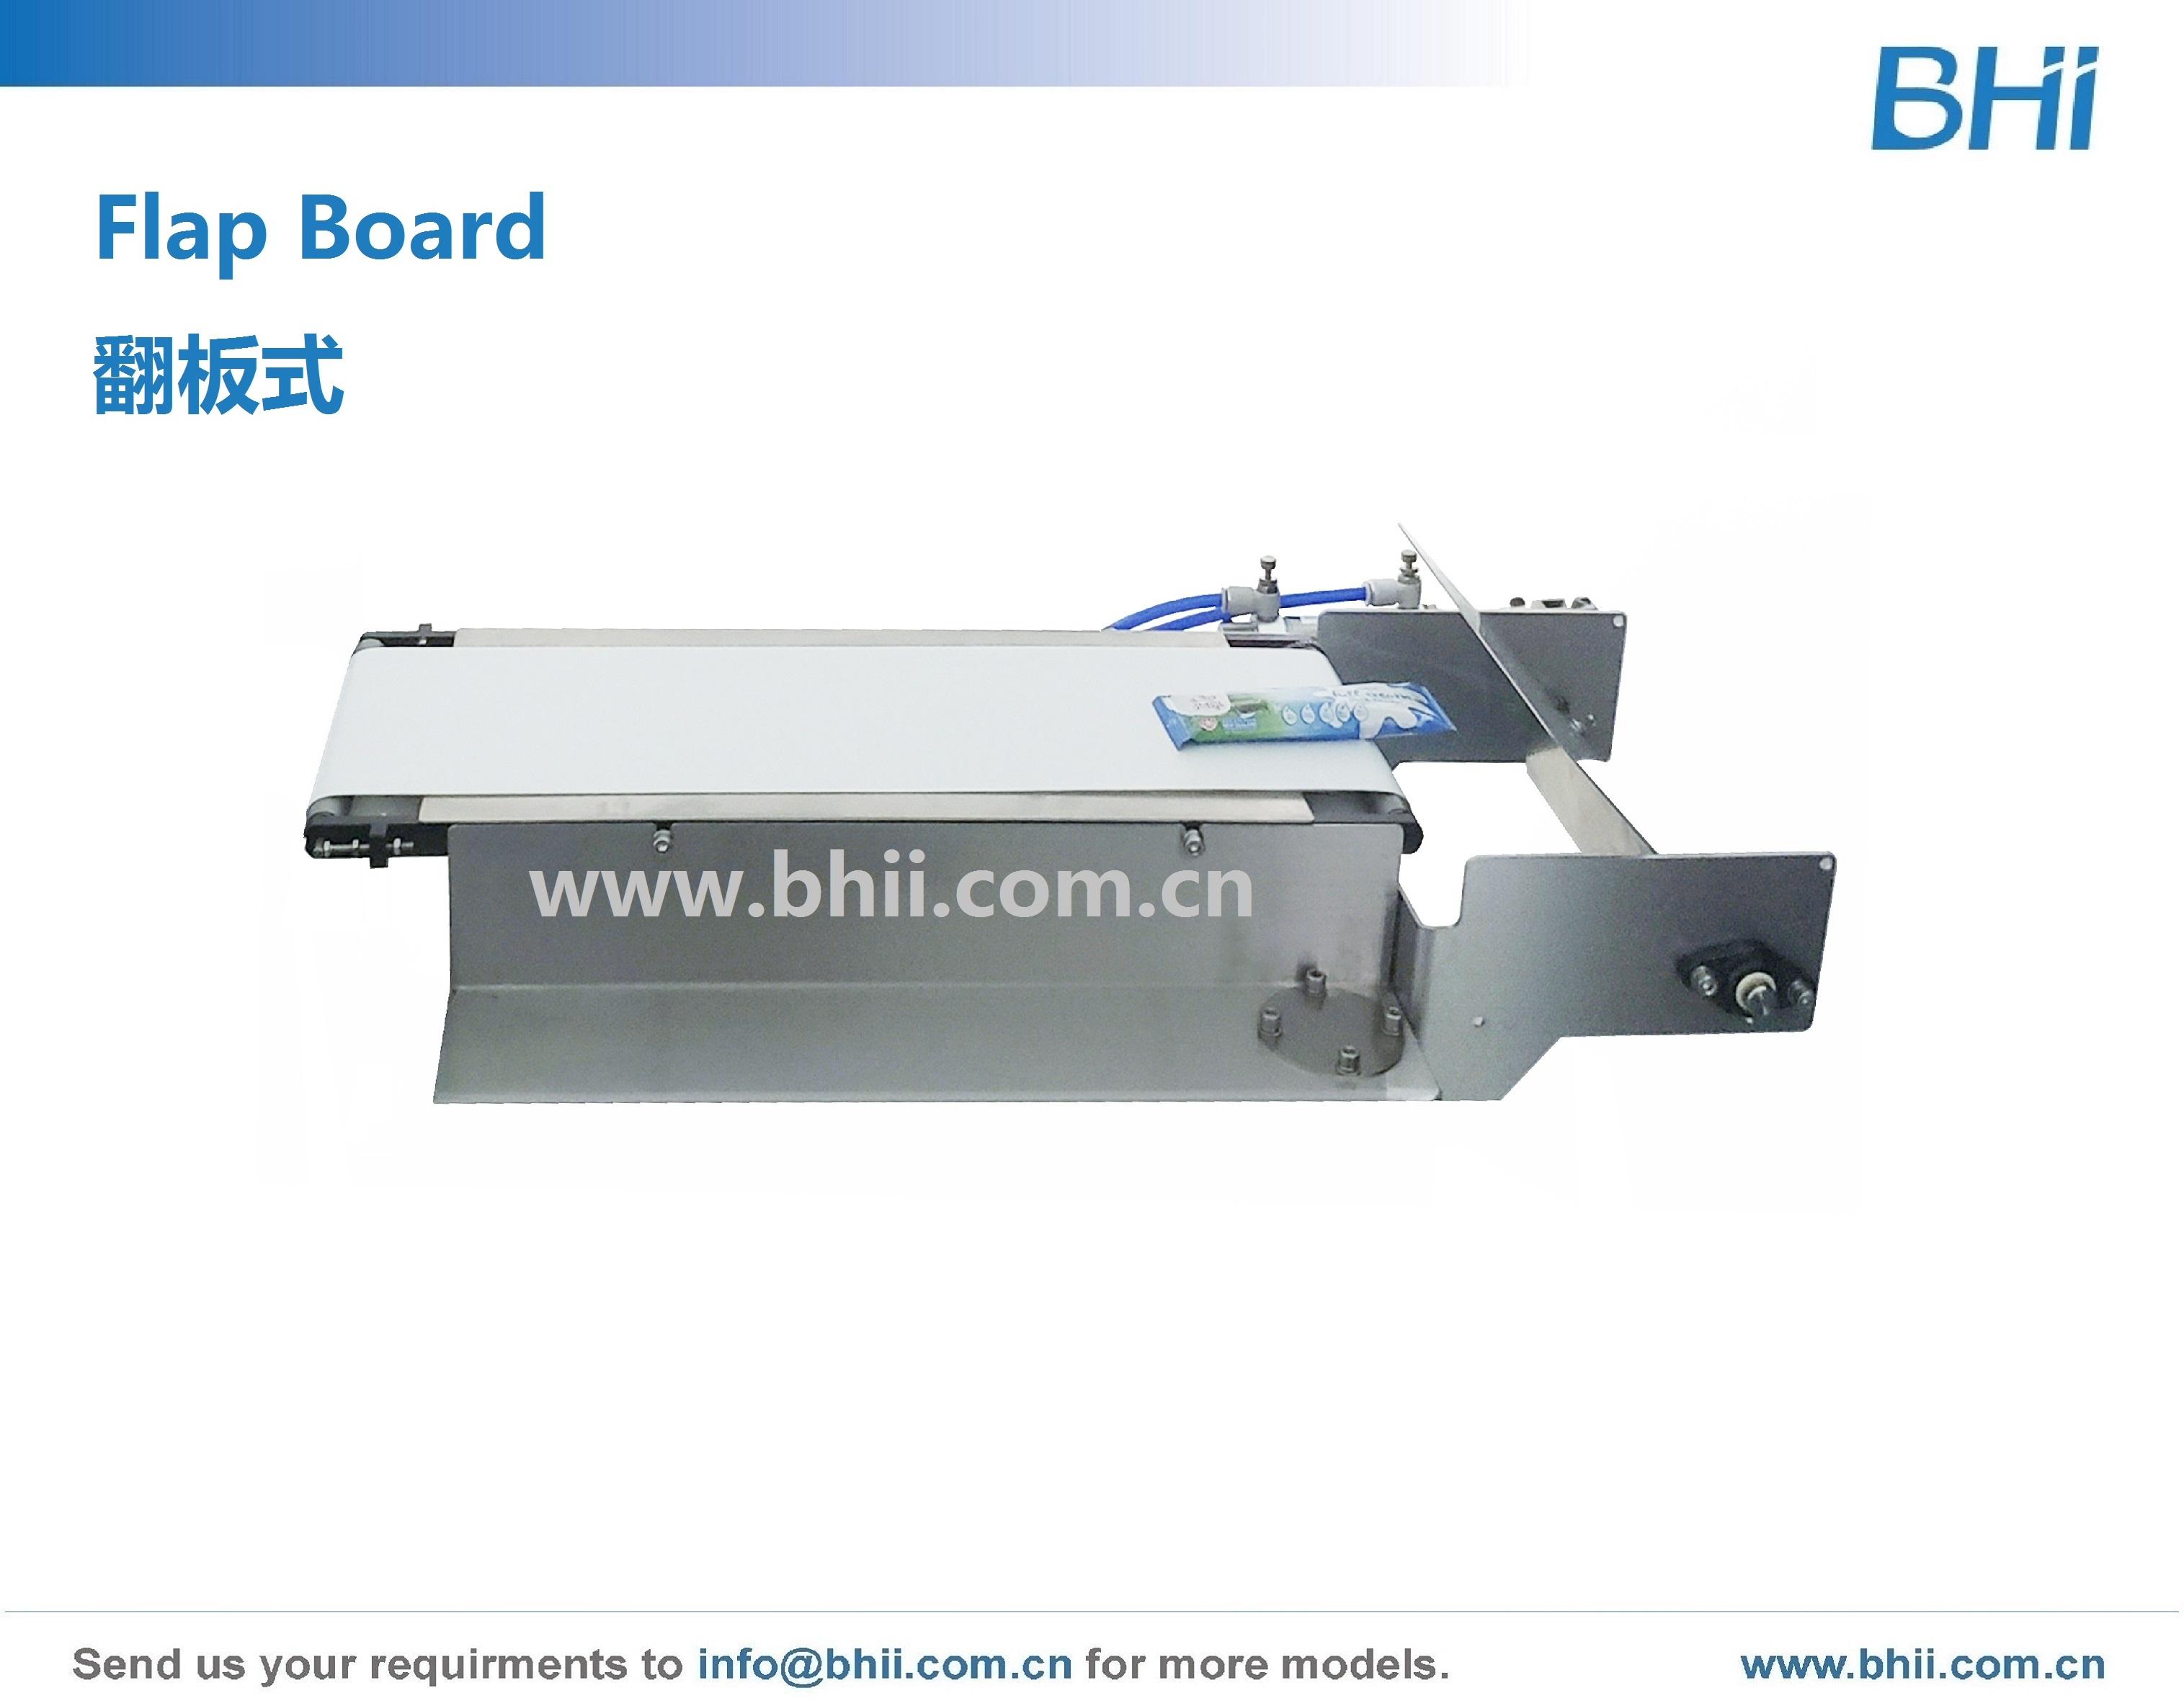 Flap Board